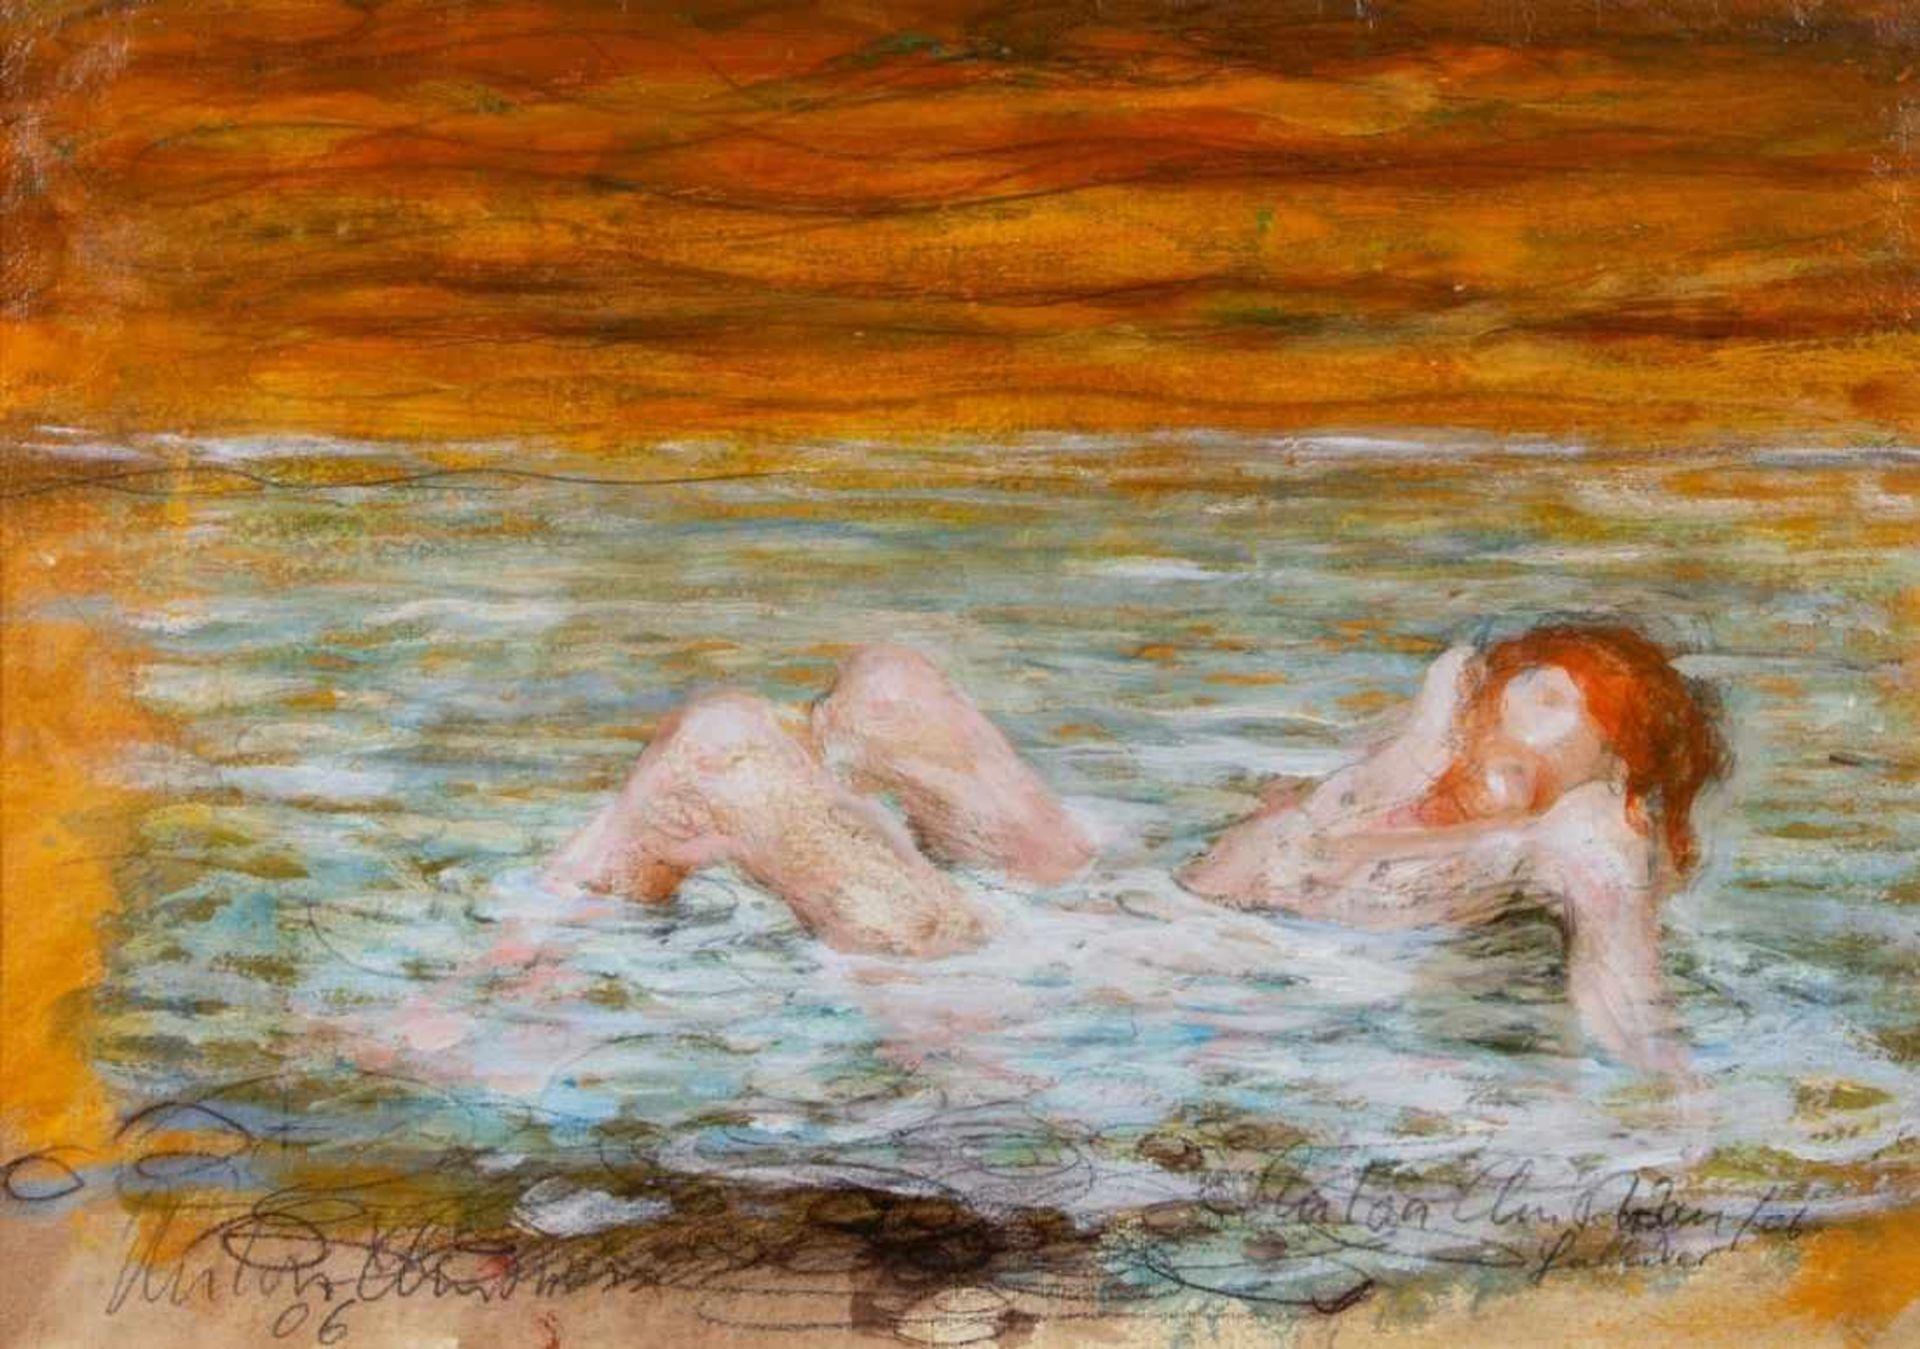 ANTON CHRISTIAN(1940 INNSBRUCK)GULLIVER, 2006Mischtechnik, Öl auf Papier, 36 x 51,5 cm,